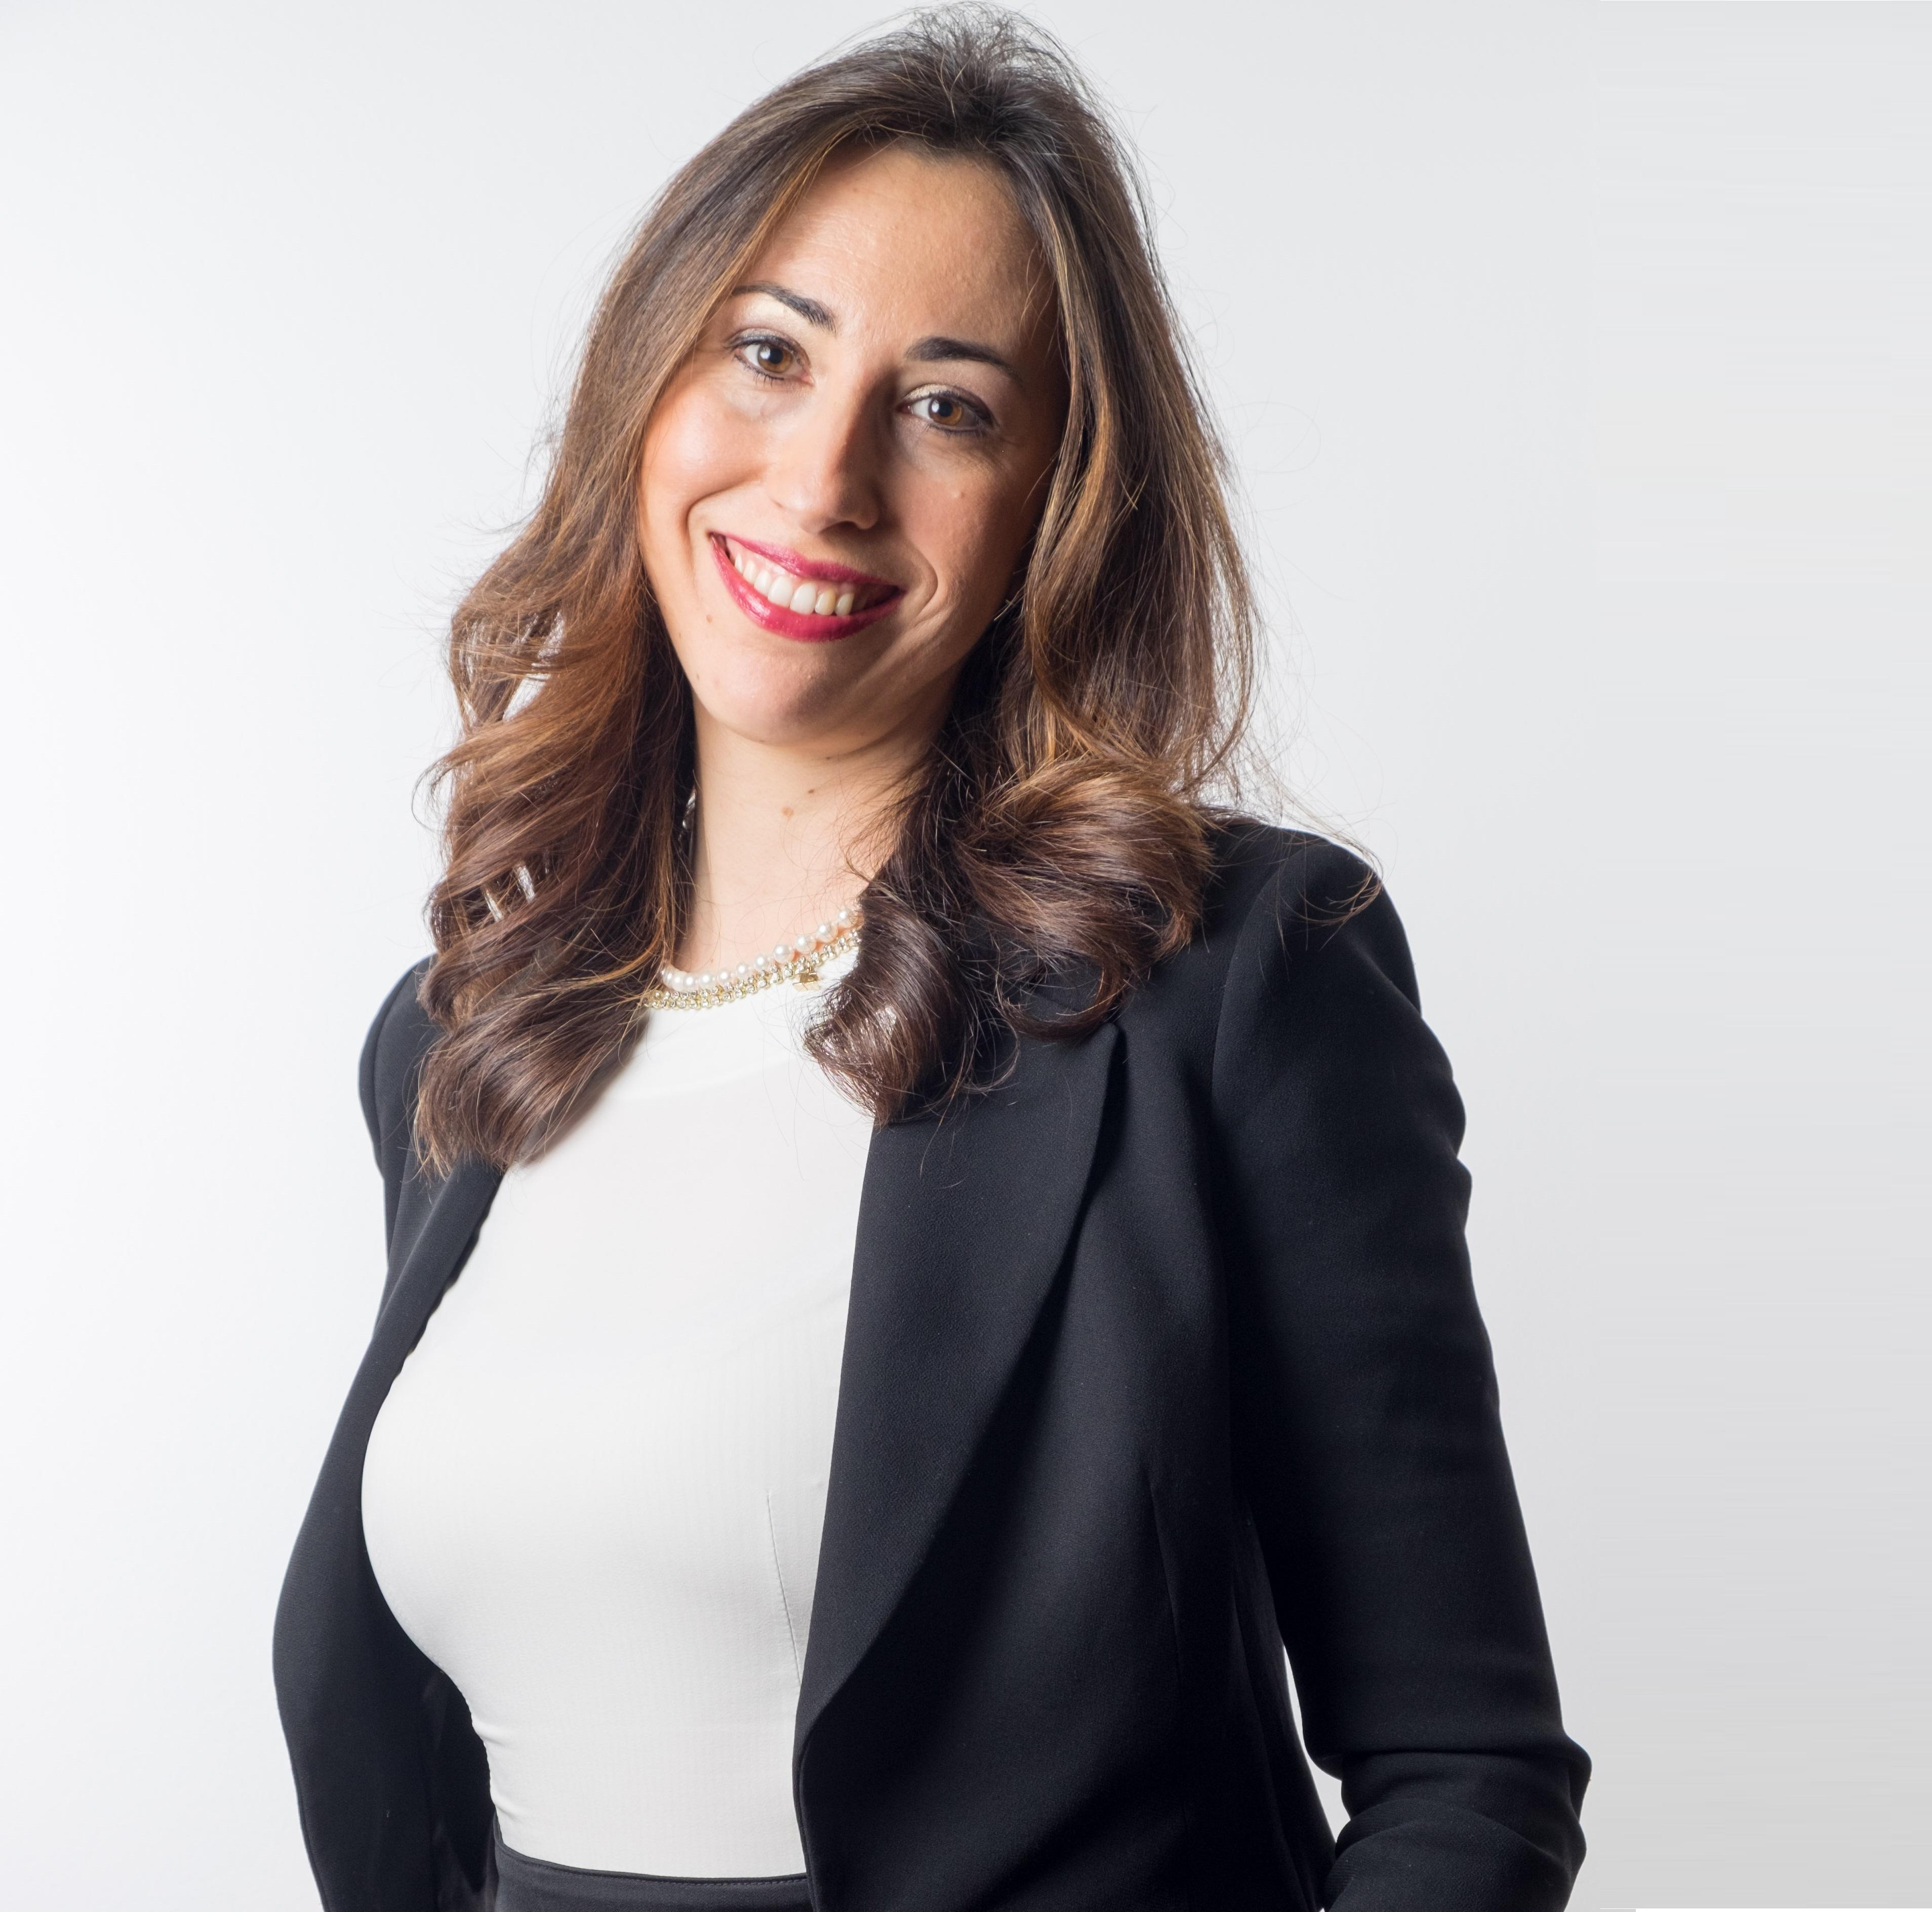 Fabiana Campopiano